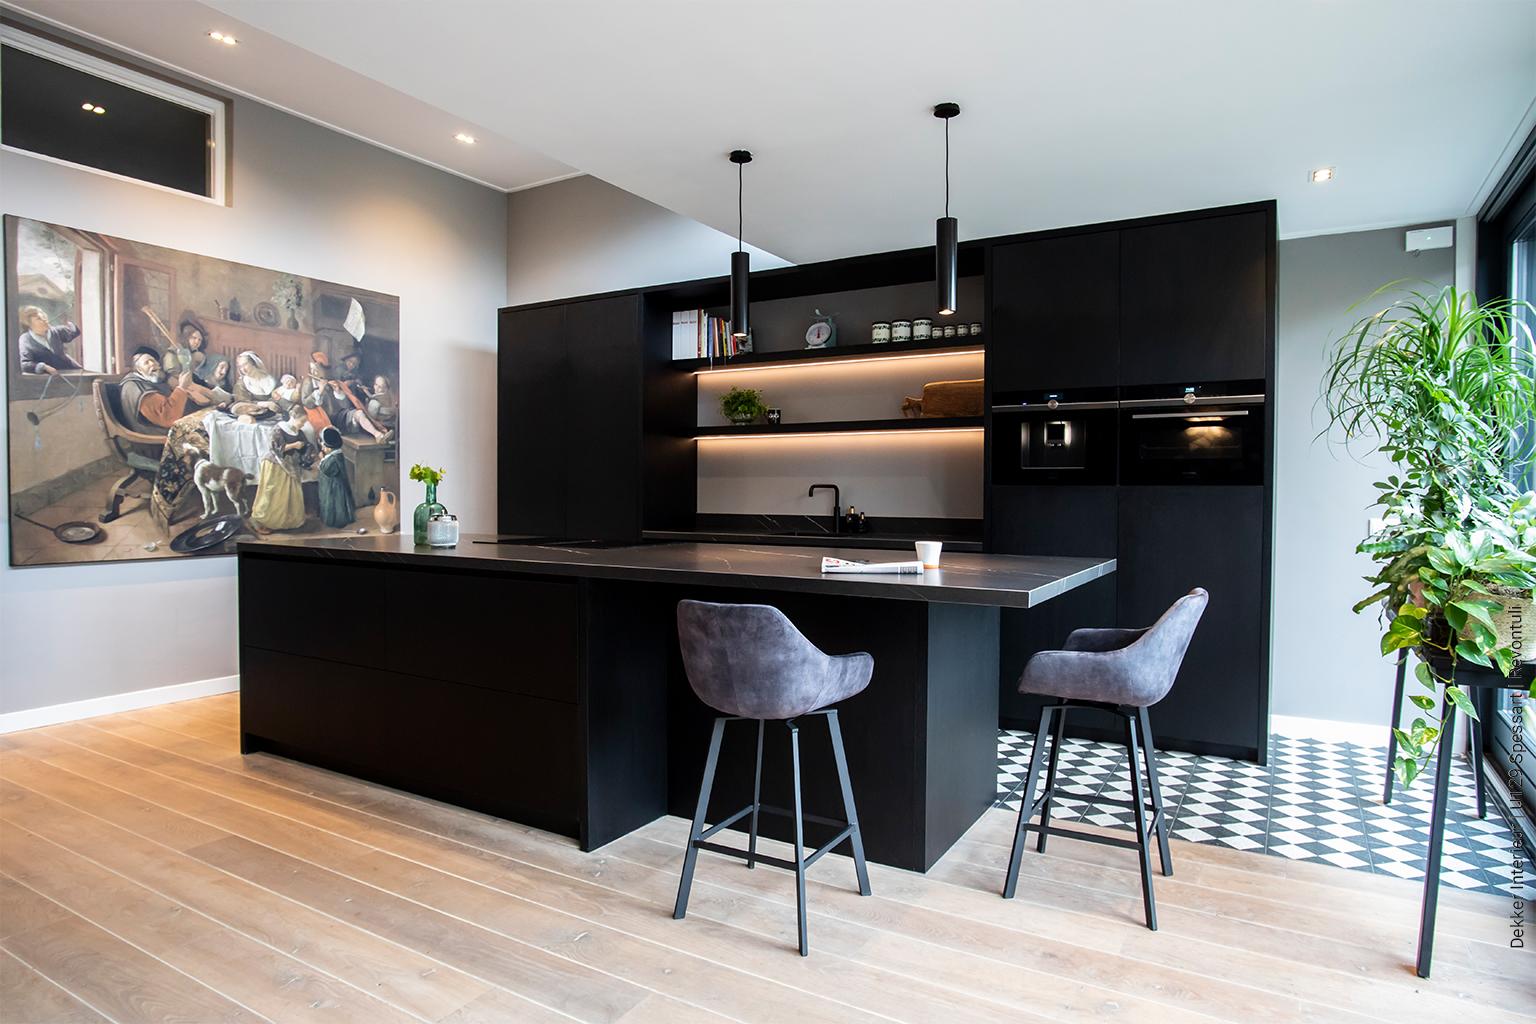 Keuken zwart decoratief plaatmateriaal